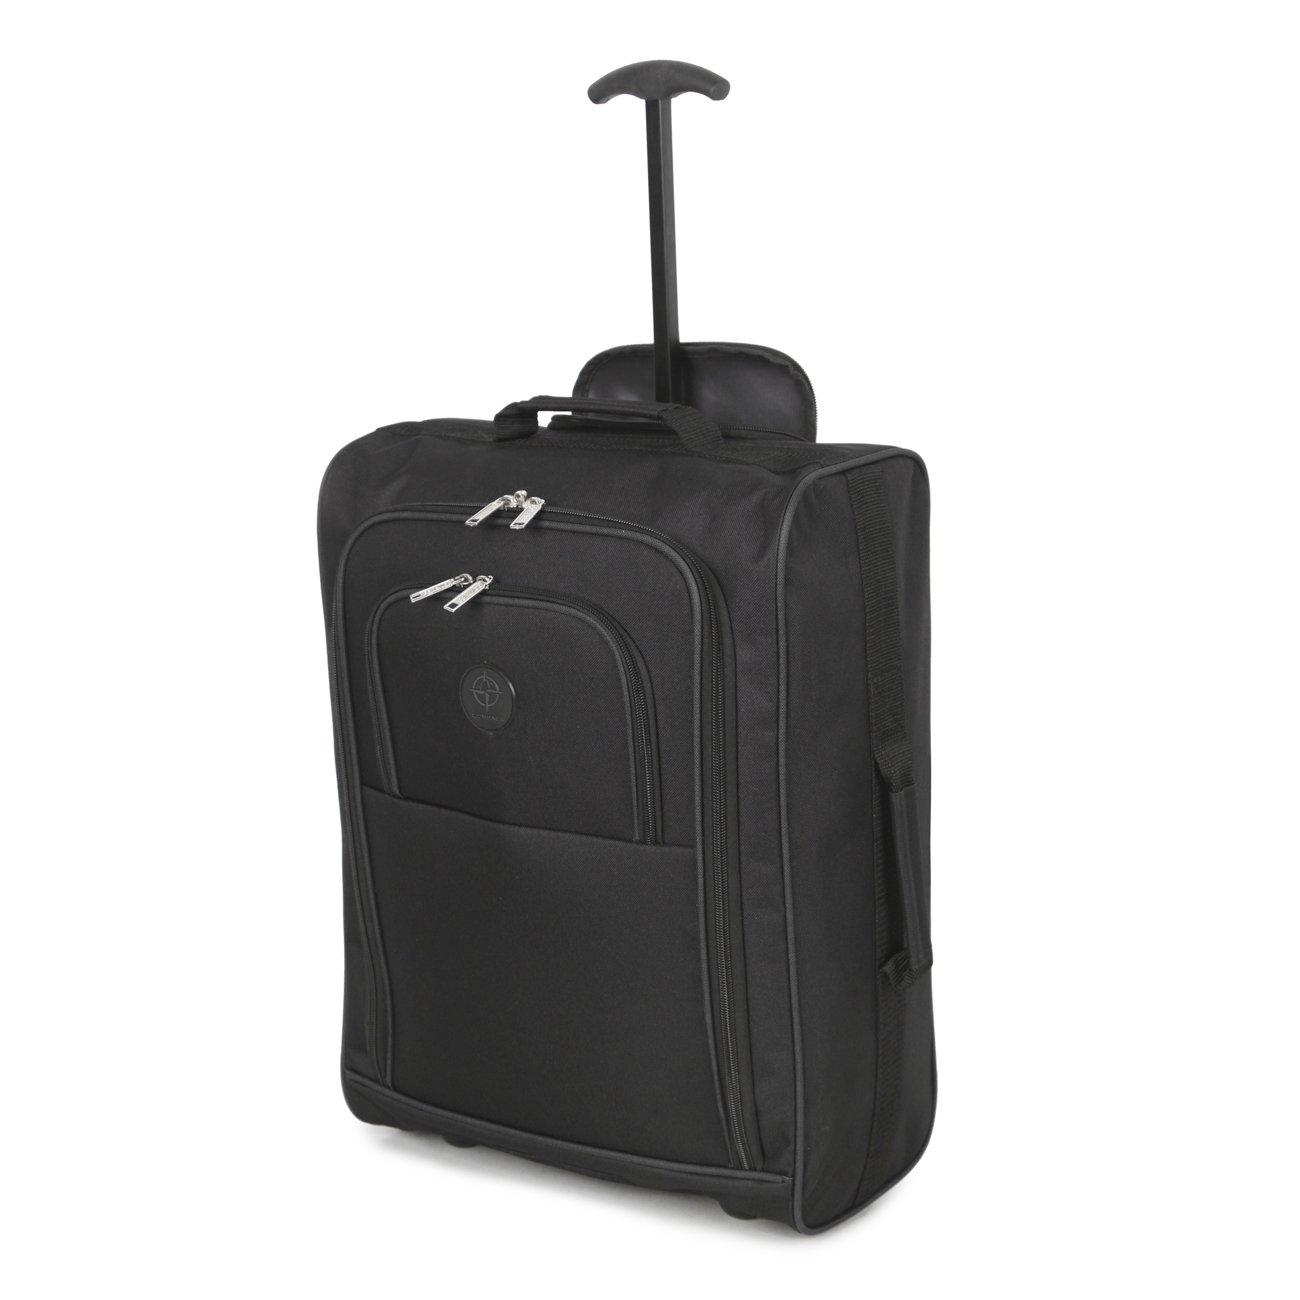 Cabina aprobó el uso de múltiples equipaje de mano en vuelos de equipaje / mochilas bolso de la carretilla (Negro): Amazon.es: Equipaje